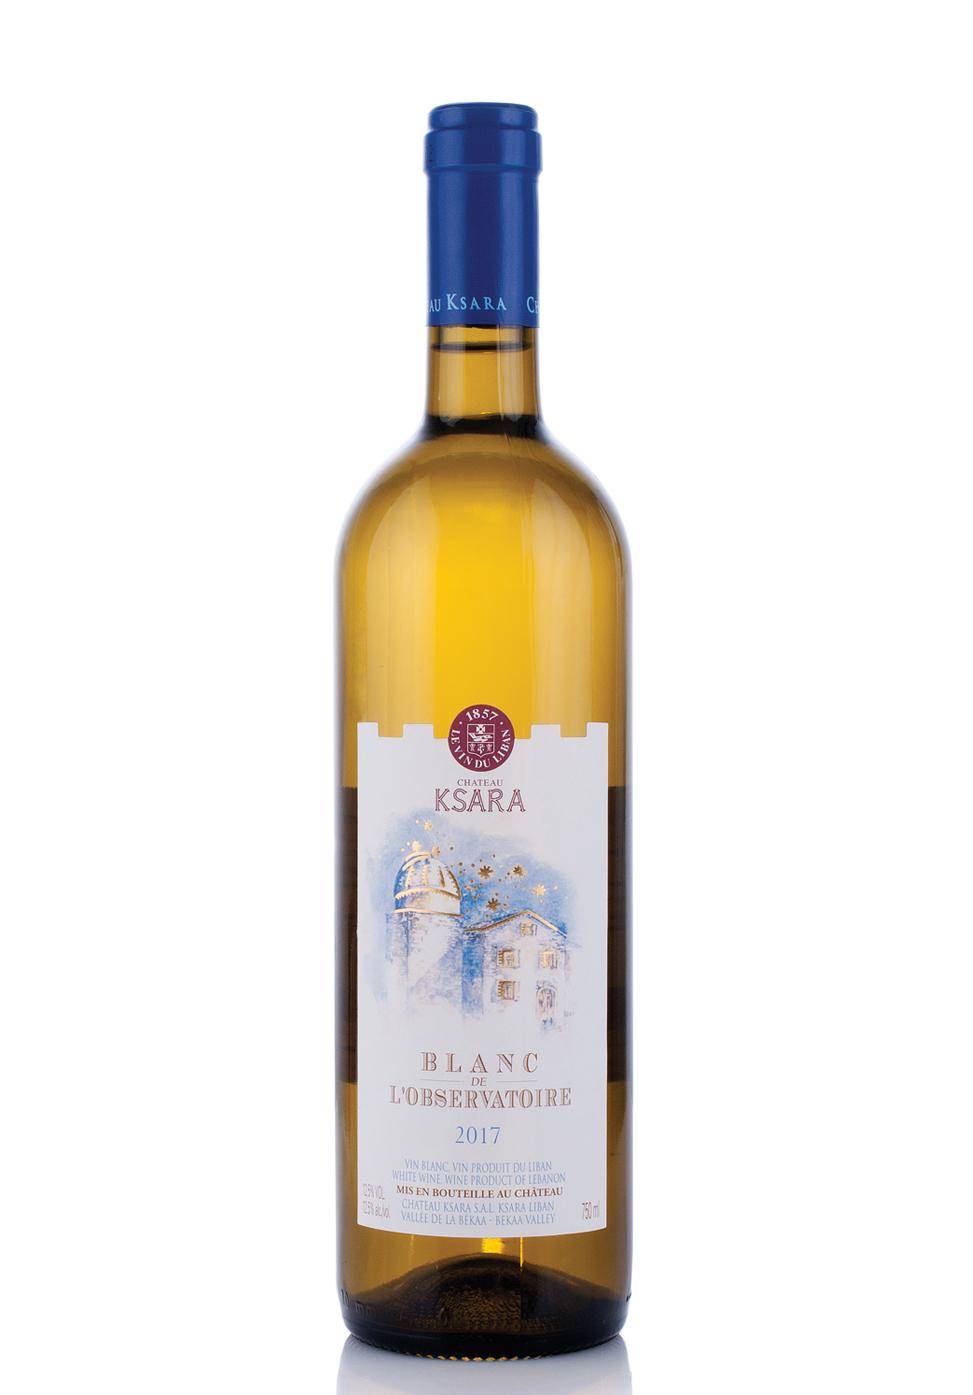 Vin Chateau Ksara, Vallee De La Bekaa, Blanc De L'Observatoire 2015 (0.75L)